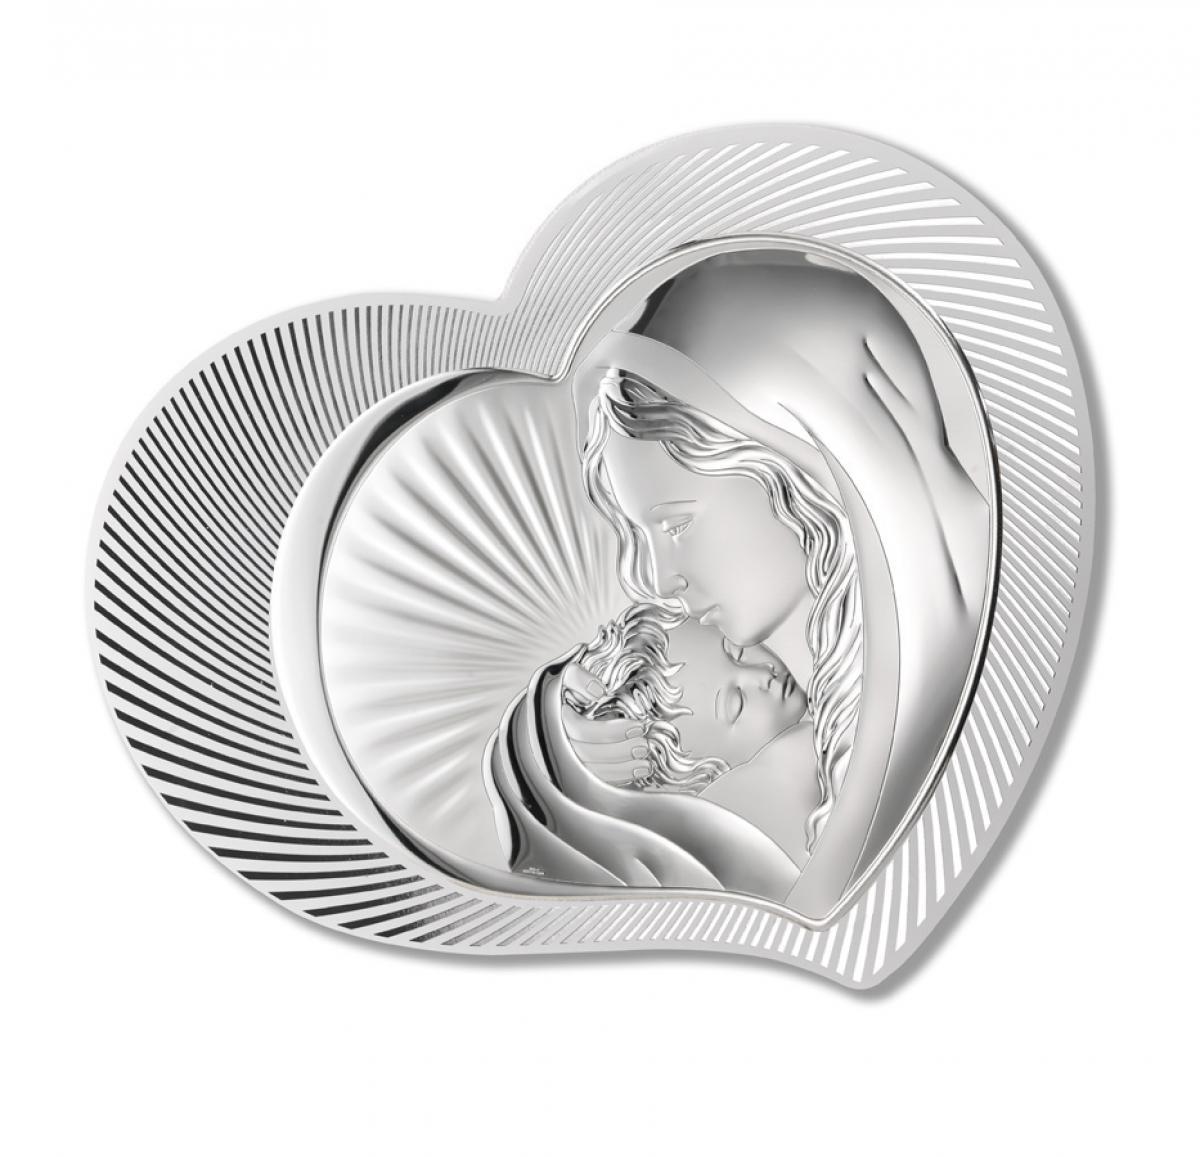 Ікона срібна у формі серця ``Мадонна з Немовлям 37.5х30см  81313.1L